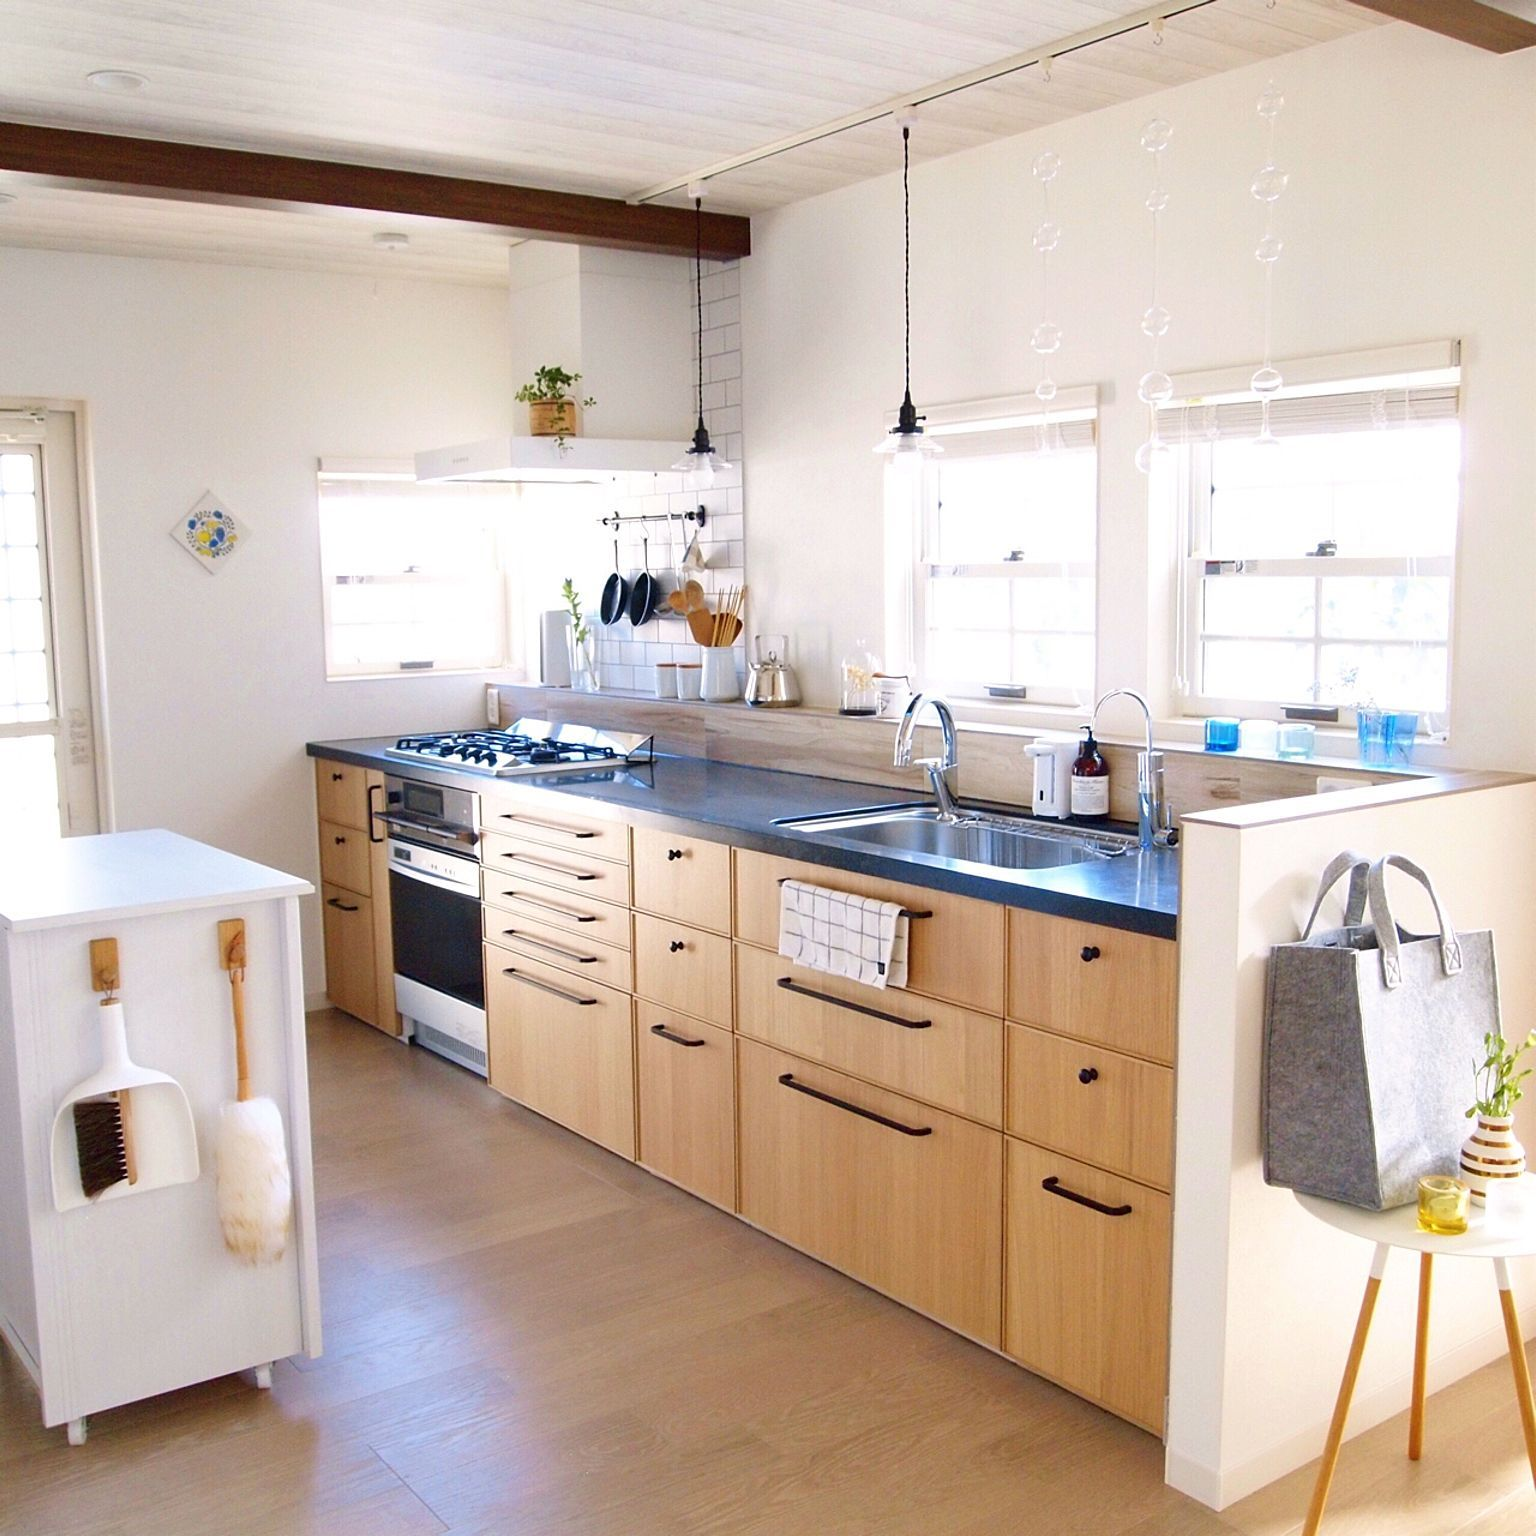 キッチン ガスオーブン 白い箱は作業台兼ゴミ箱収納 ペンダントライト キッチン窓 などのインテリア実例 2017 07 10 20 50 32 Roomclip ルームクリップ リビング キッチン キッチン キッチンアイデア